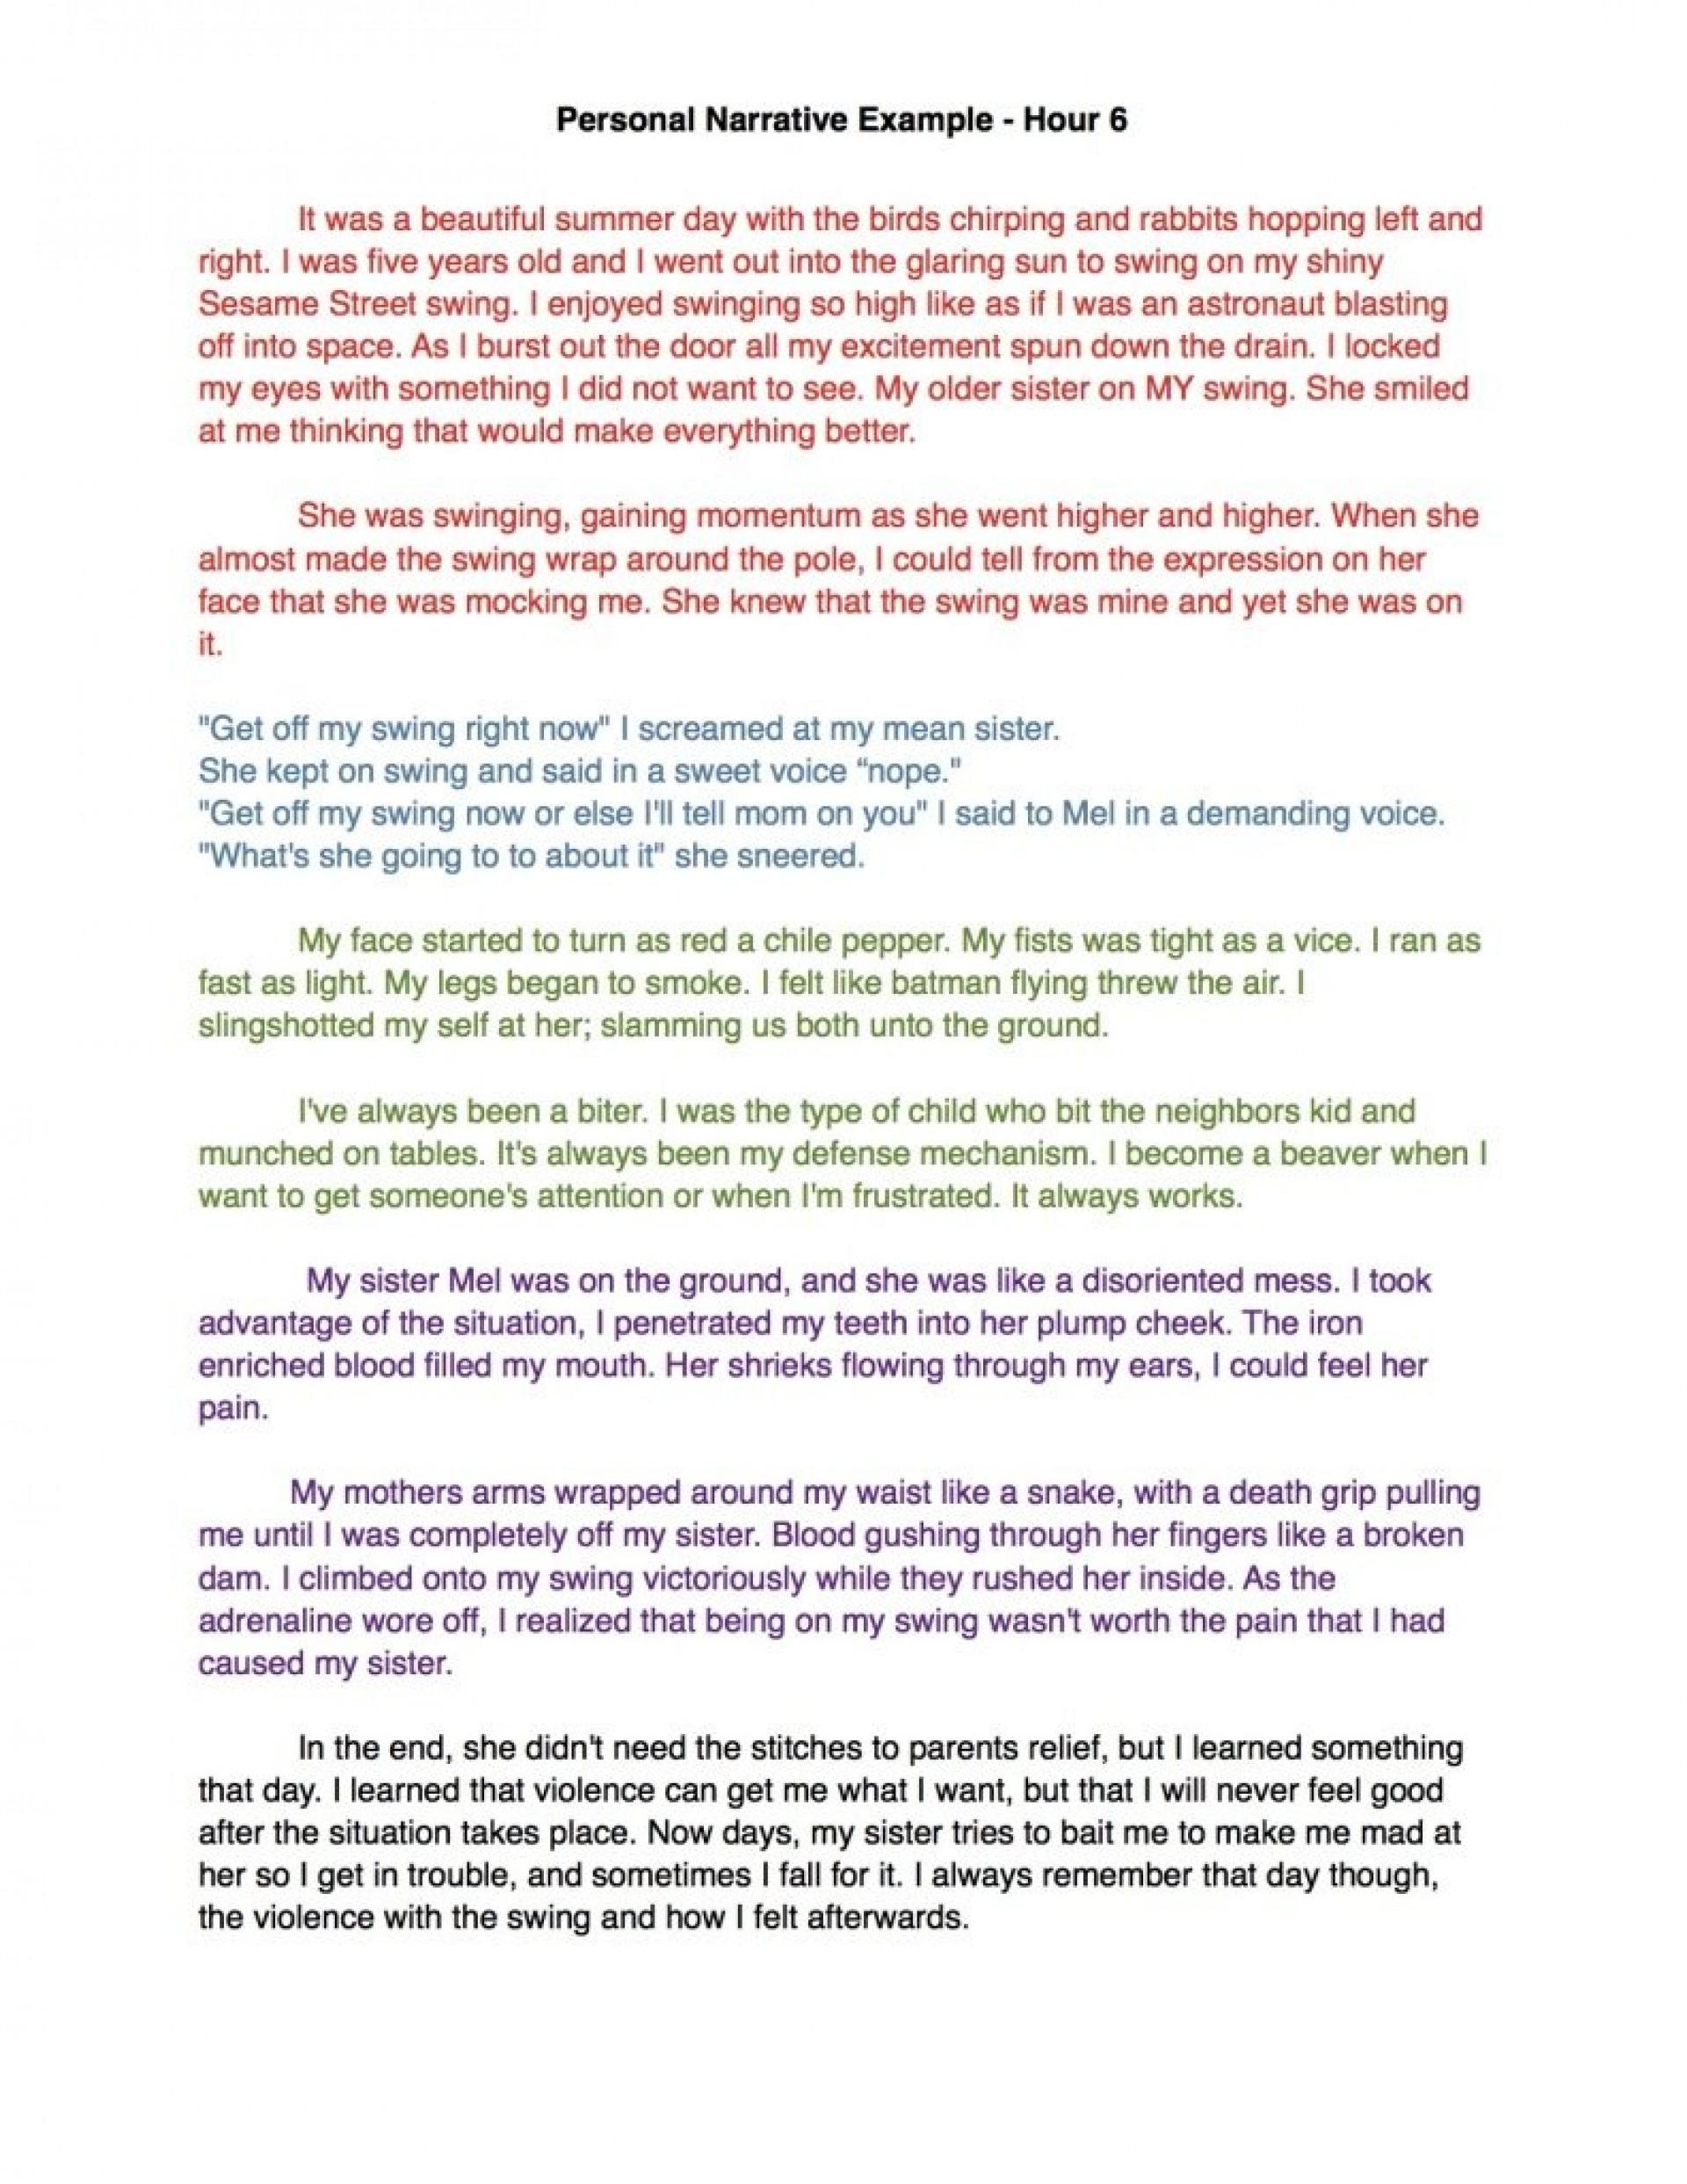 009 Personal Essays High School Pics Download Narrative Unusual Essay Outline Pdf Examples 1920